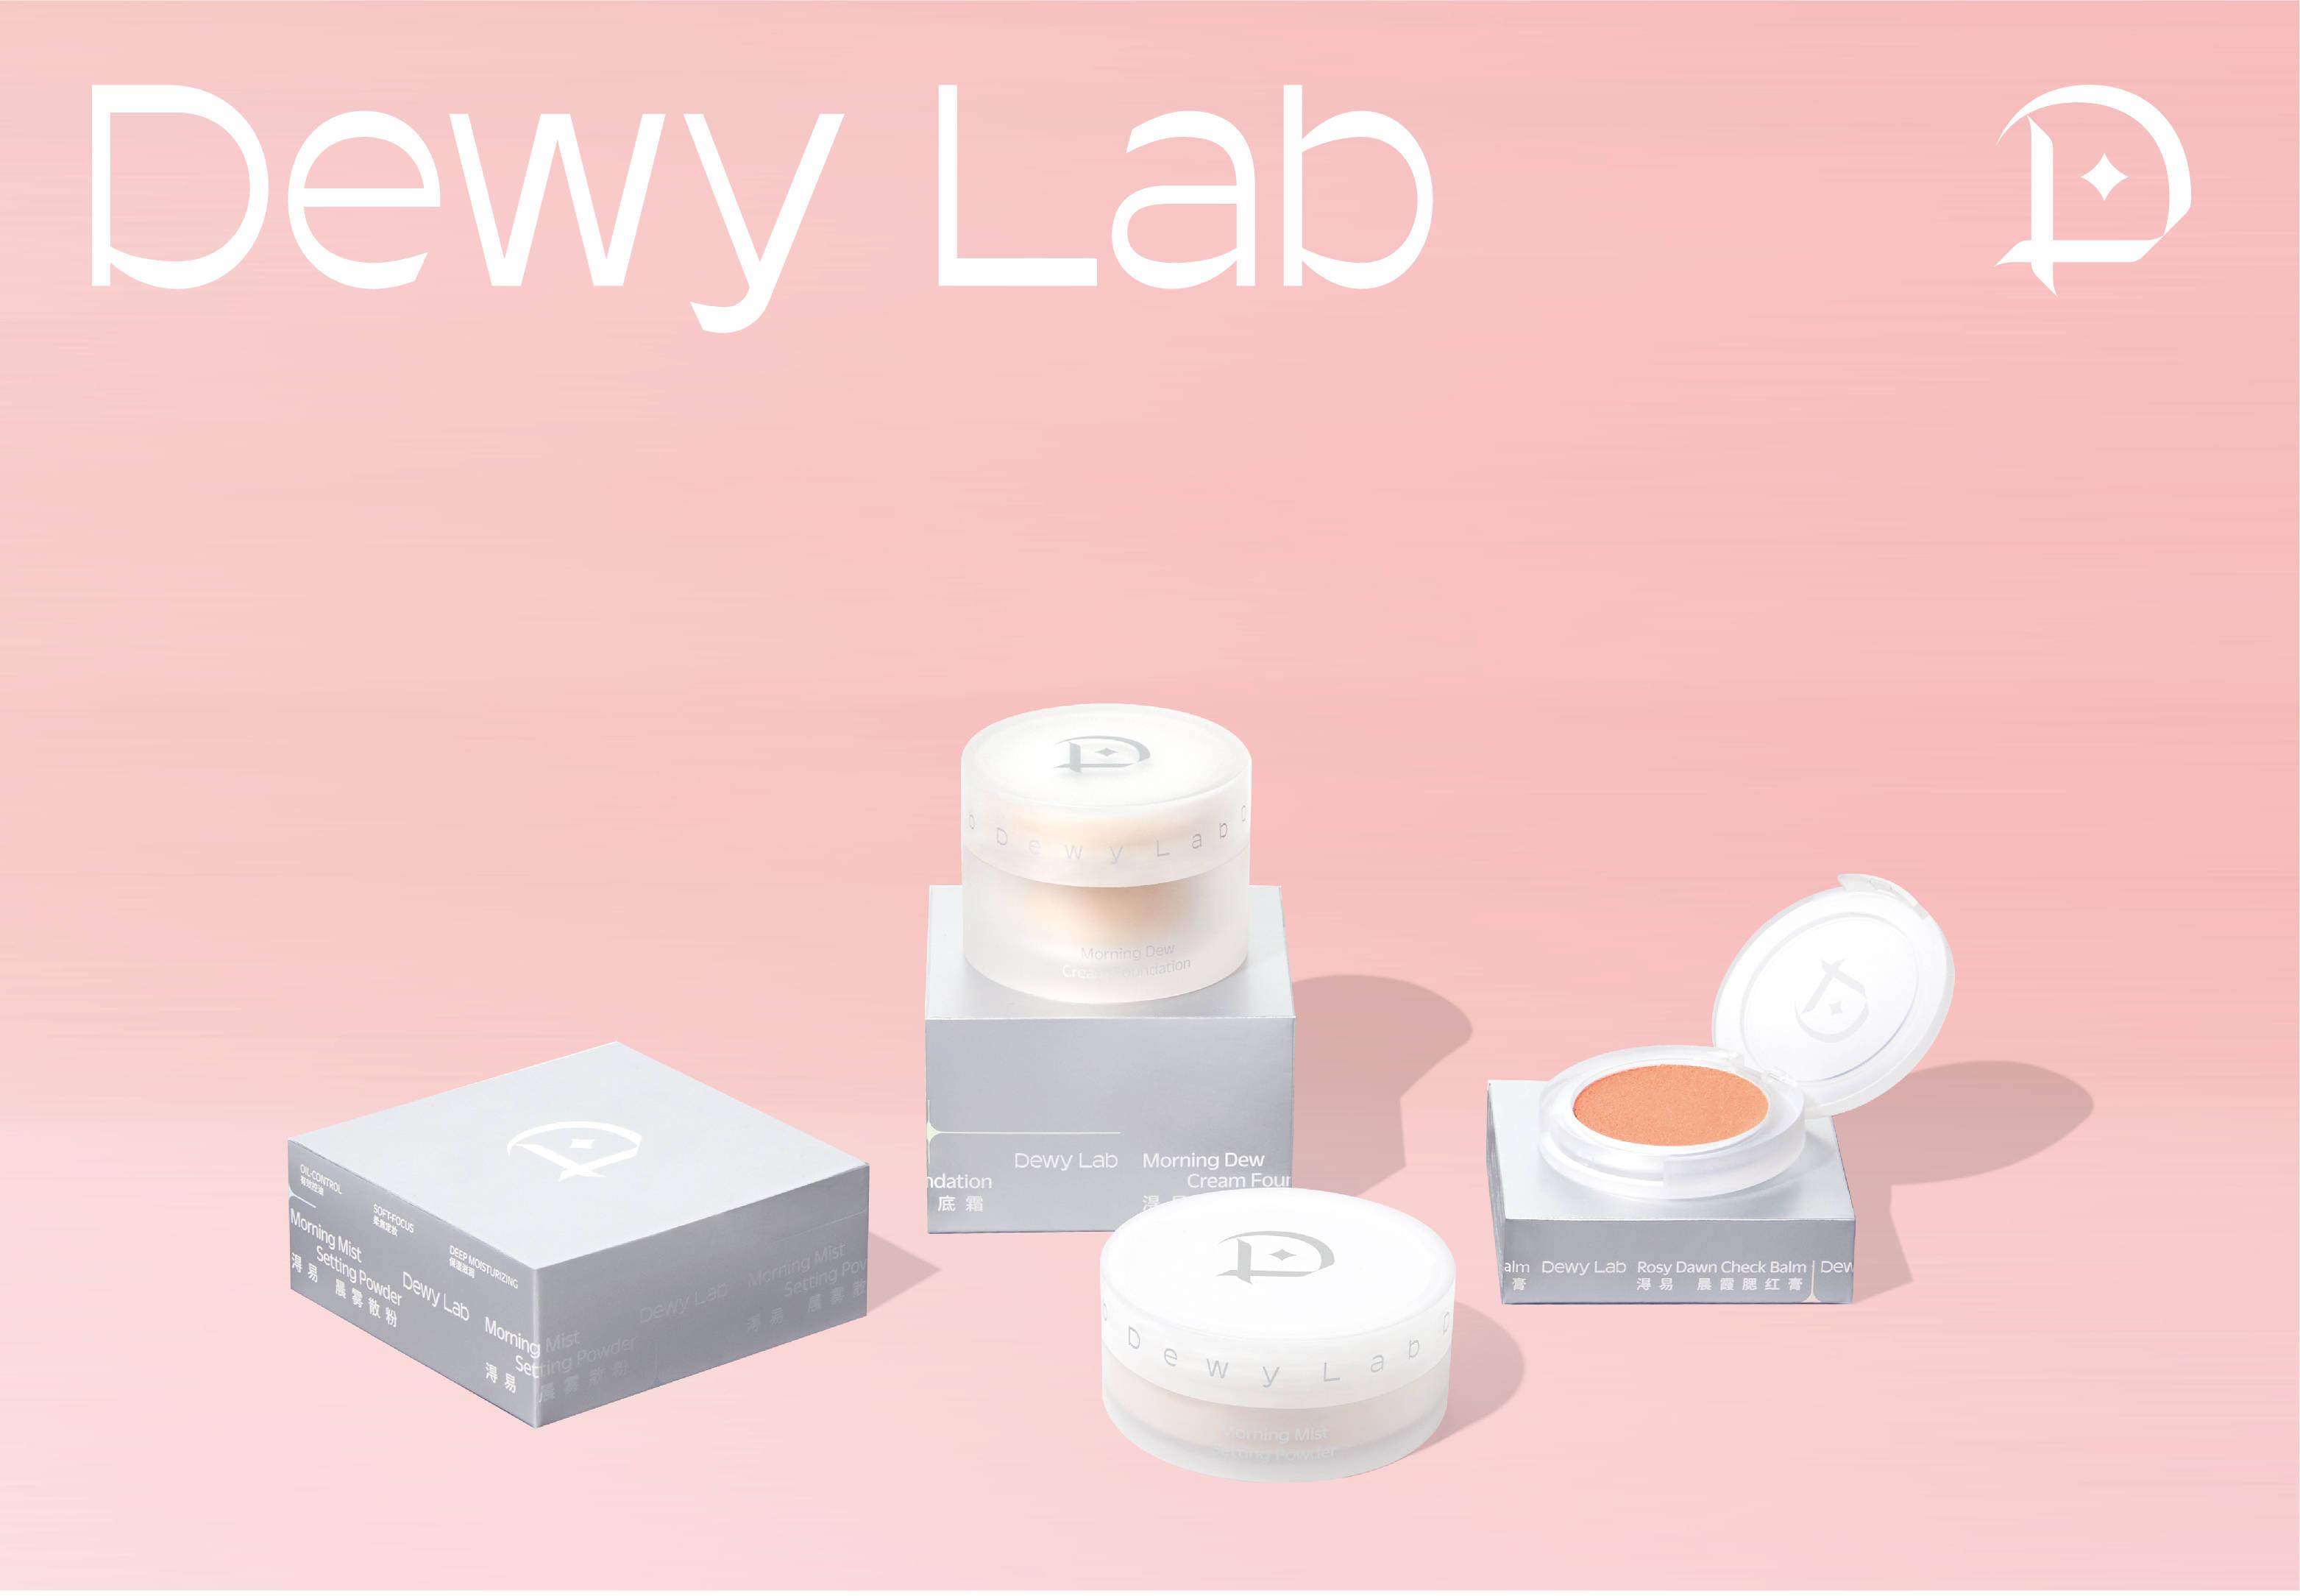 中国首个纯净美妆品牌DewyLab淂意爱肤之人的彩妆挚选